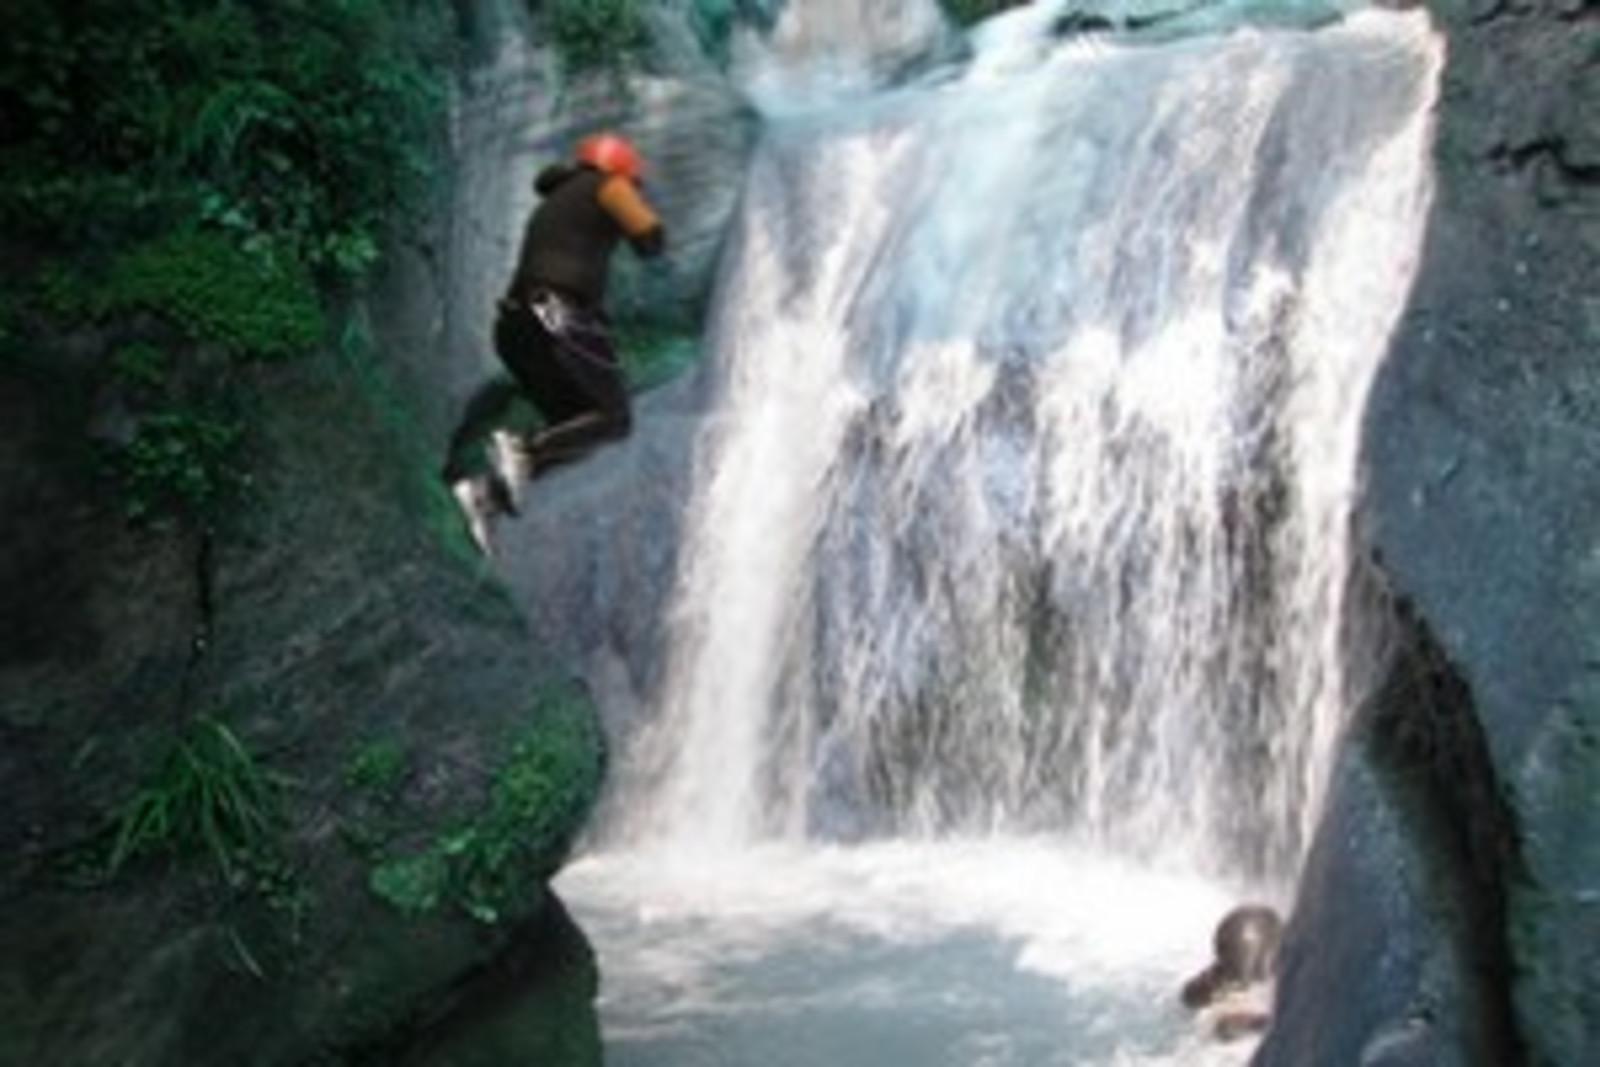 150 cascades vol 1 - 3 2